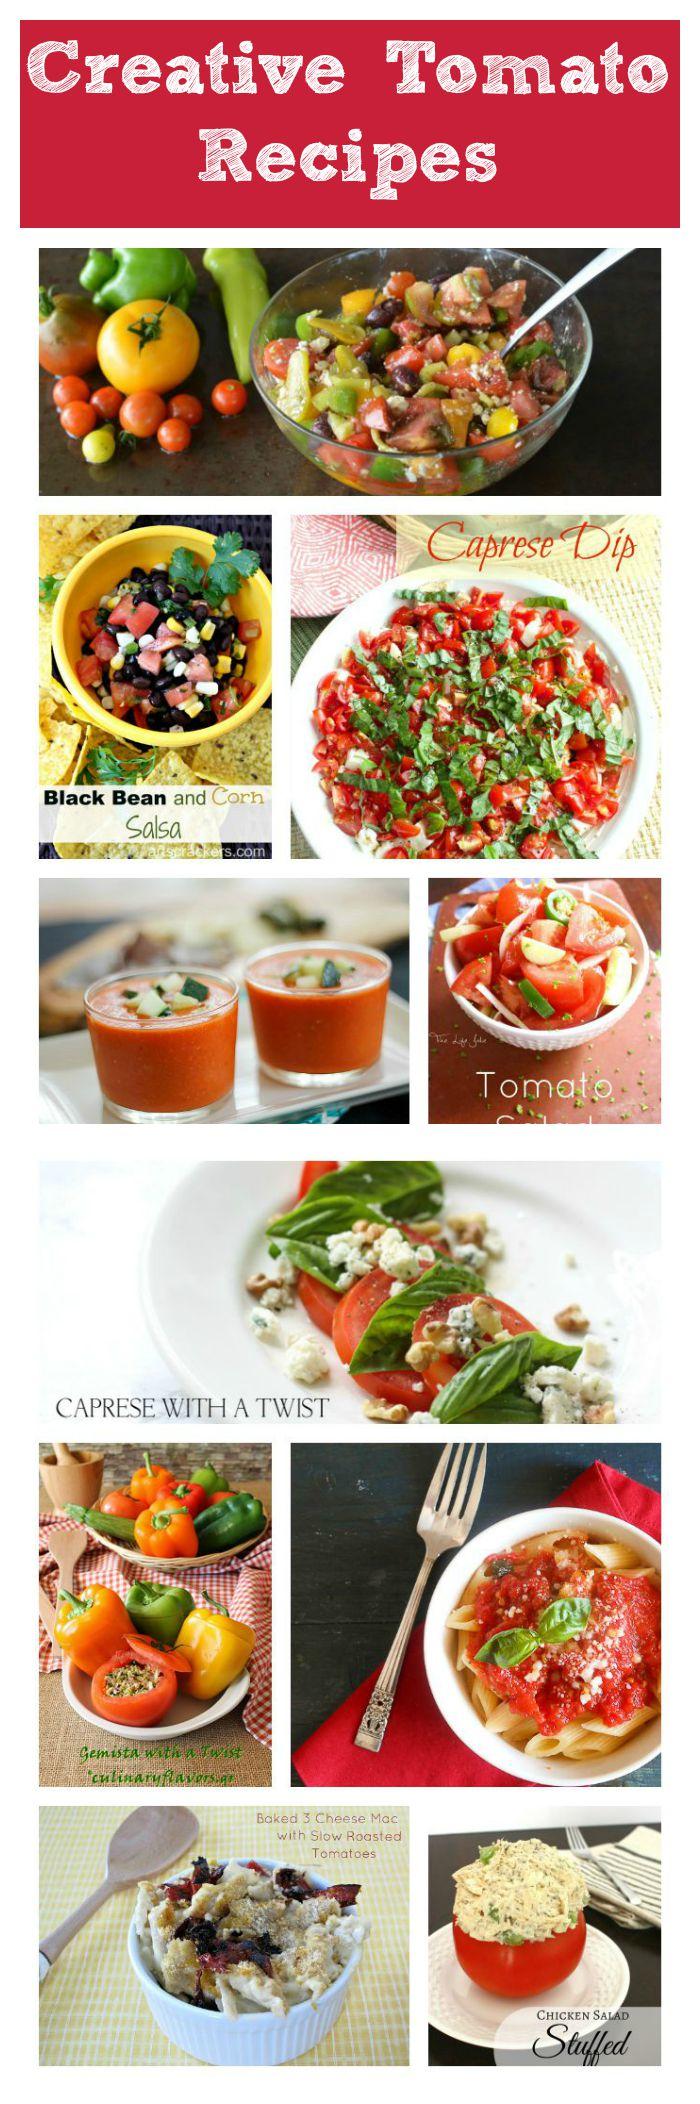 Creative Tomato Recipes